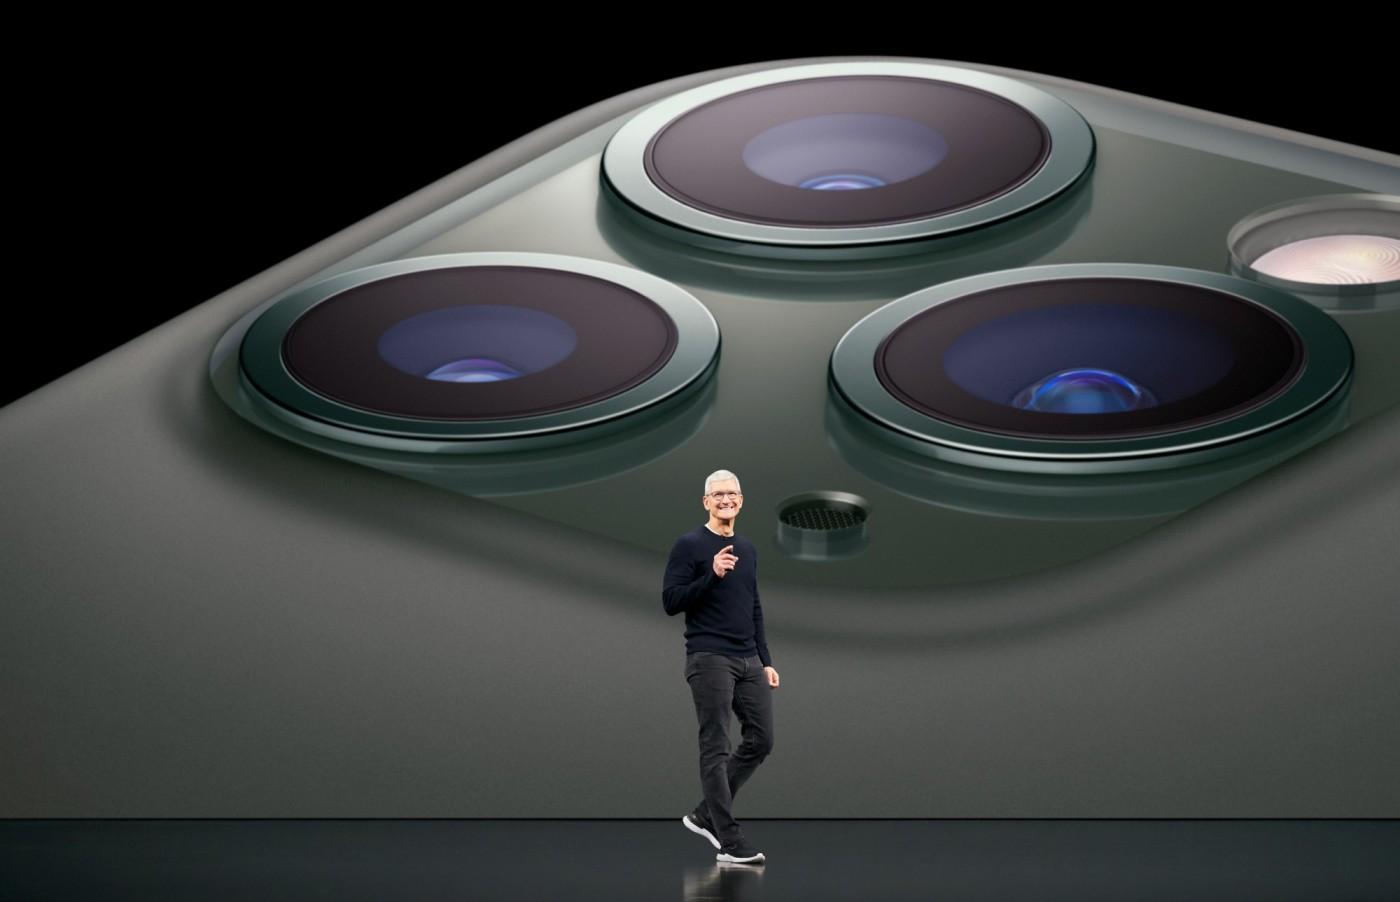 一場以「創新」命名的iPhone發表會,最大的梗卻是蘋果首次降價?